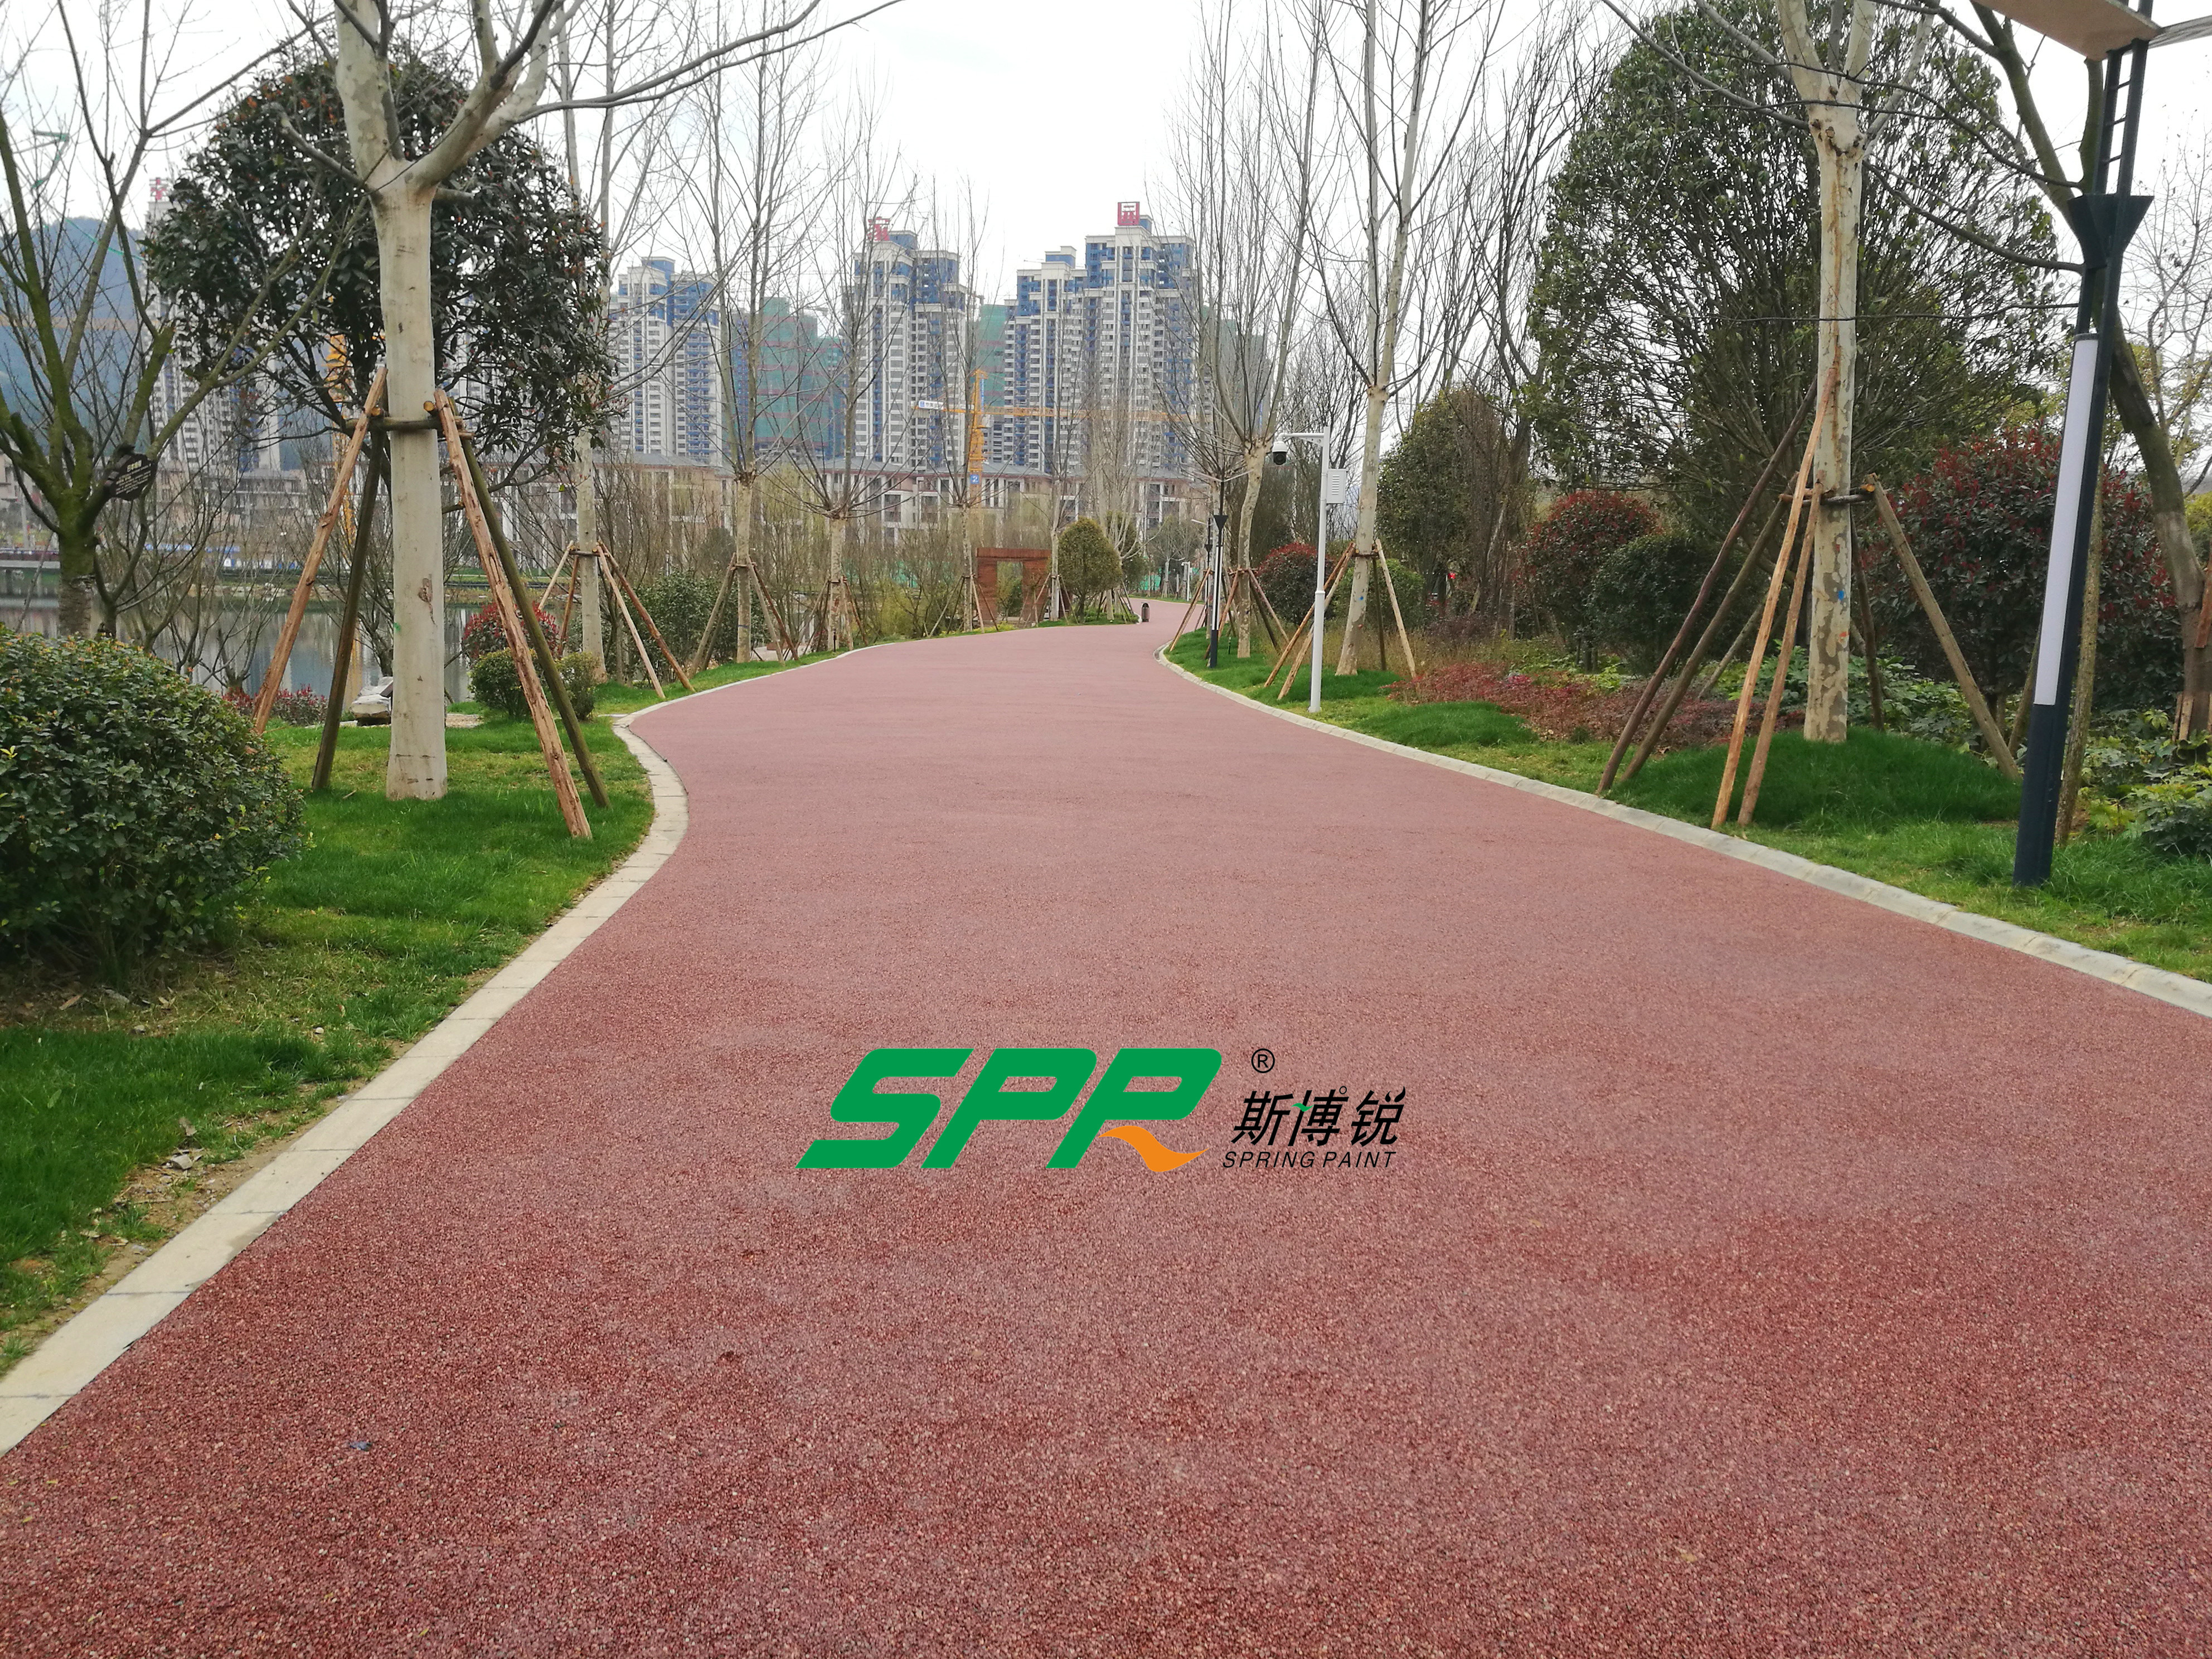 透水混凝土做法|透水混凝土价格是多少|广州透水路面厂家供应